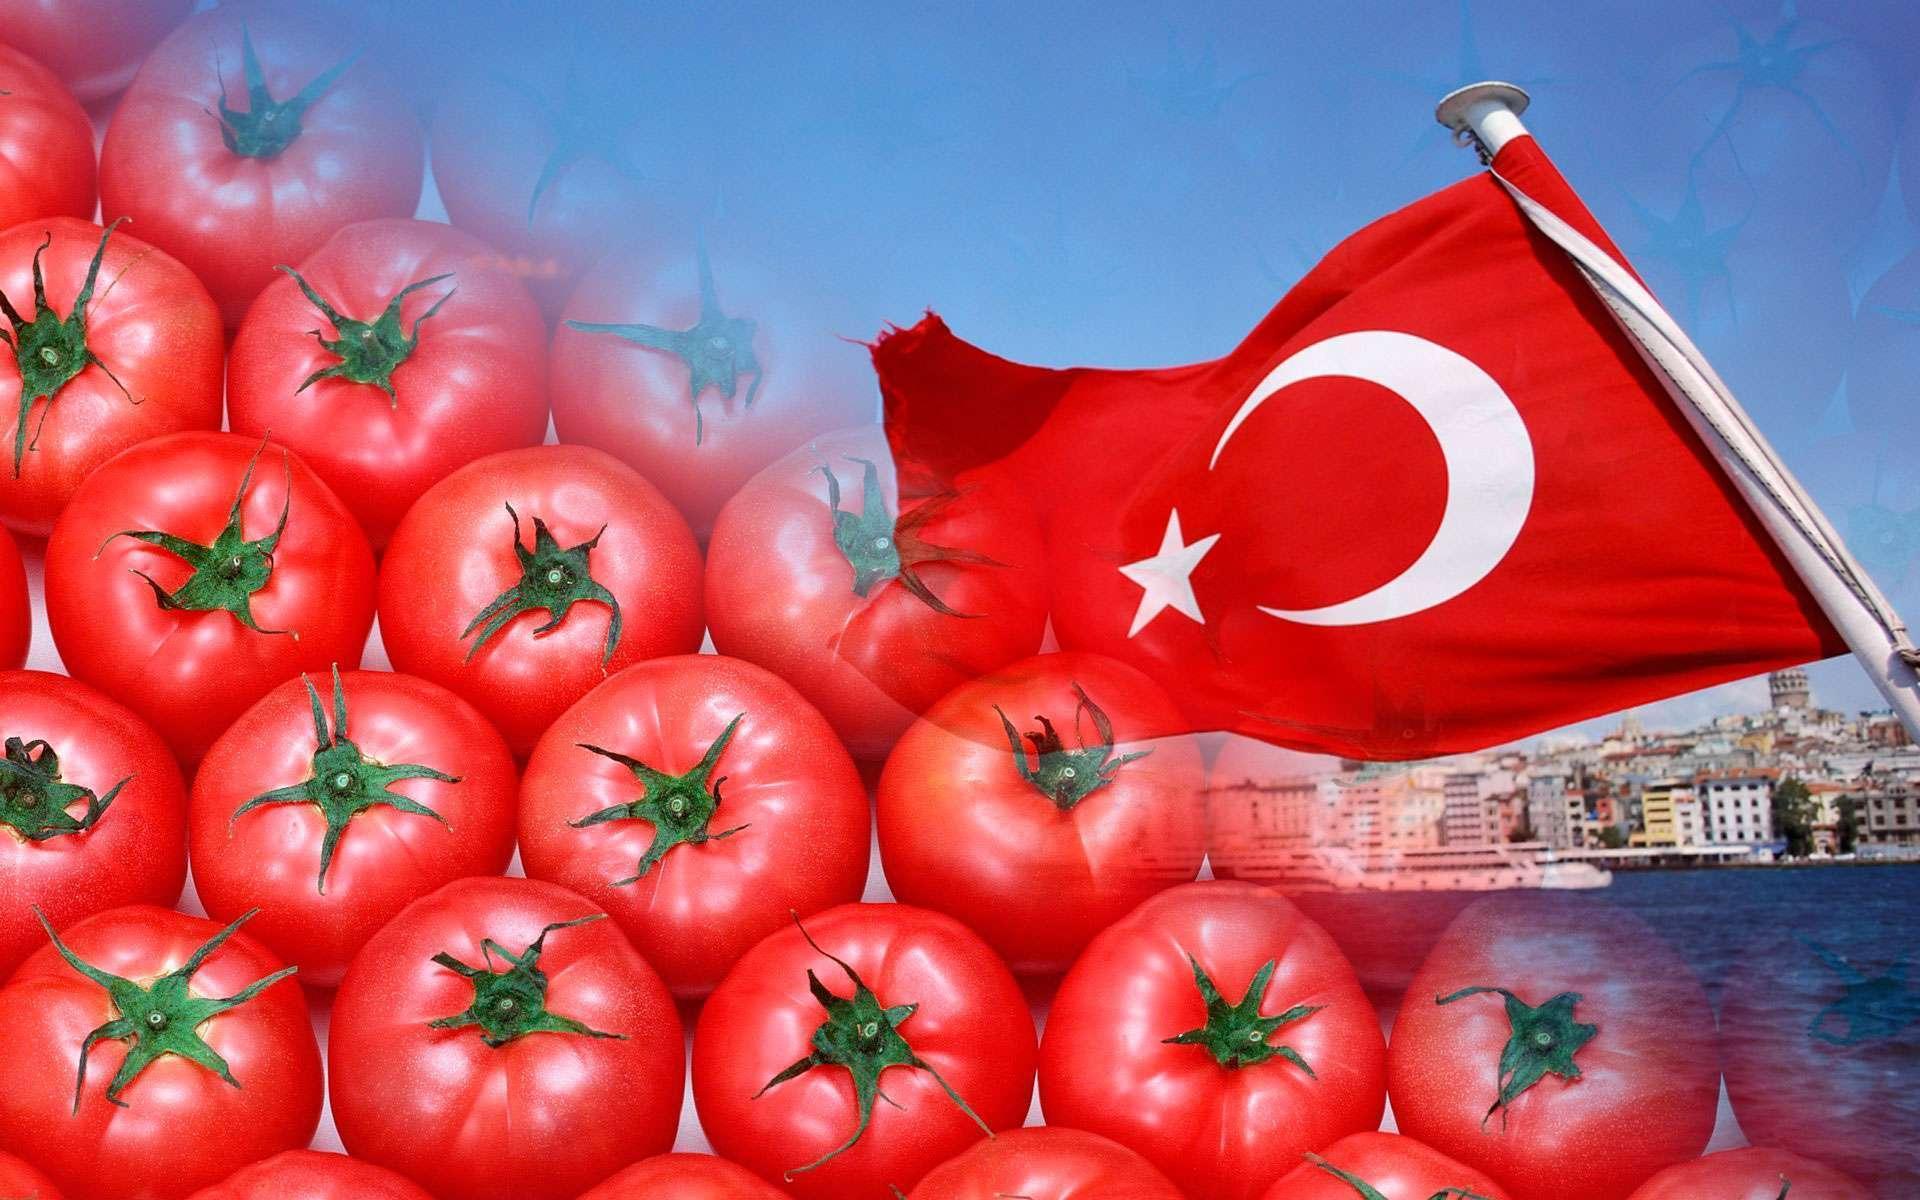 Как турецкий импорт сможет оказать влияние на стоимость томатов в РФ: экспертная оценка